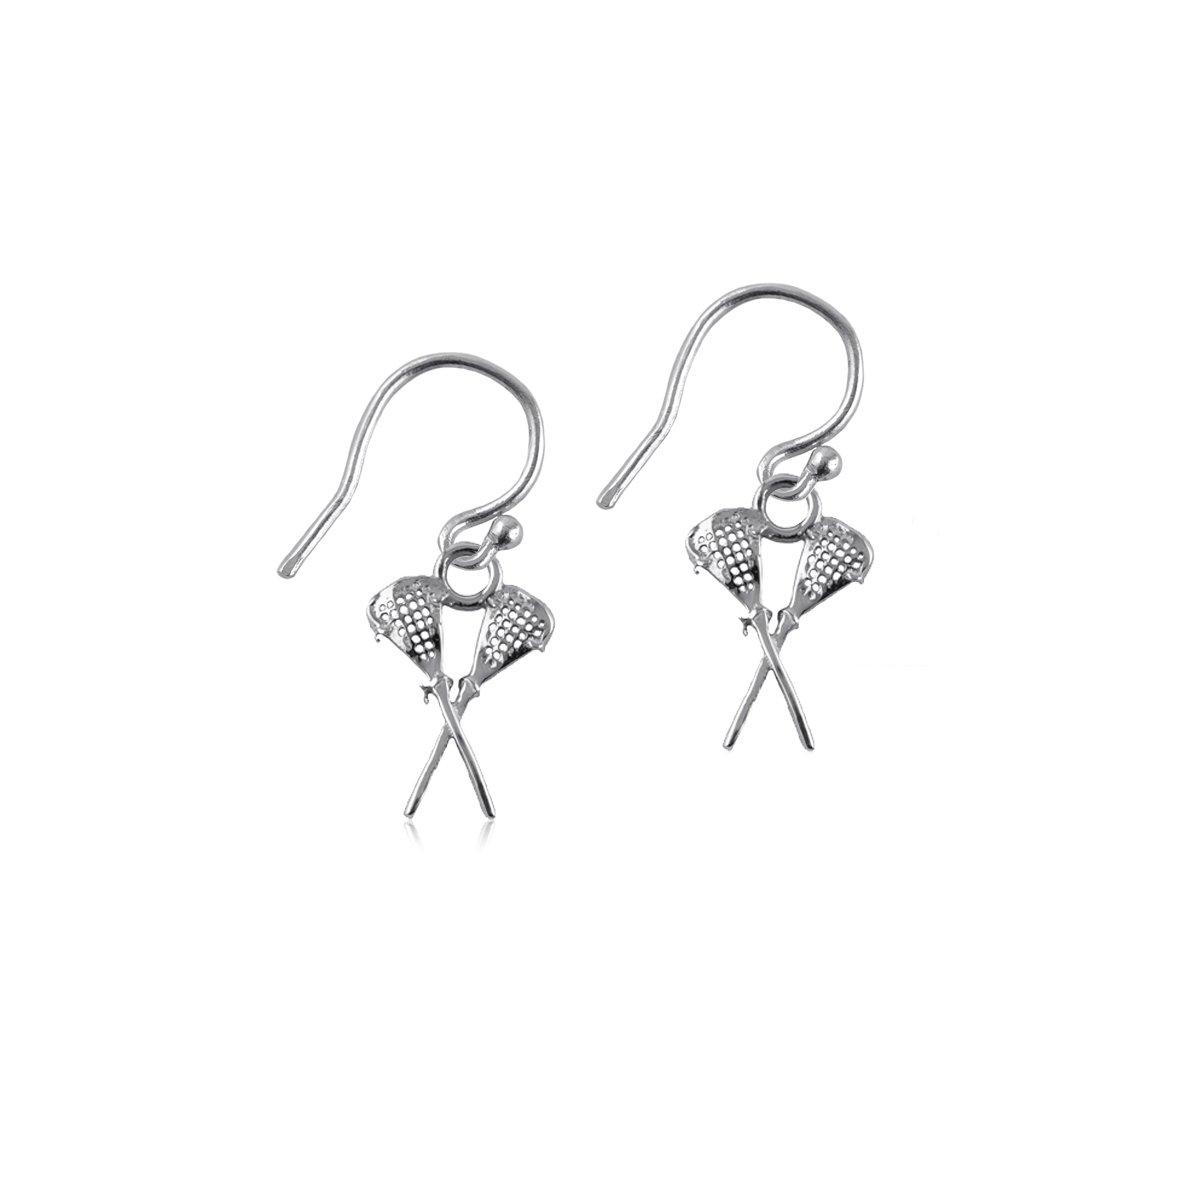 Lacrosse Sticks Dangle Earrings - Sterling Silver Jewelry by Dayna Designs